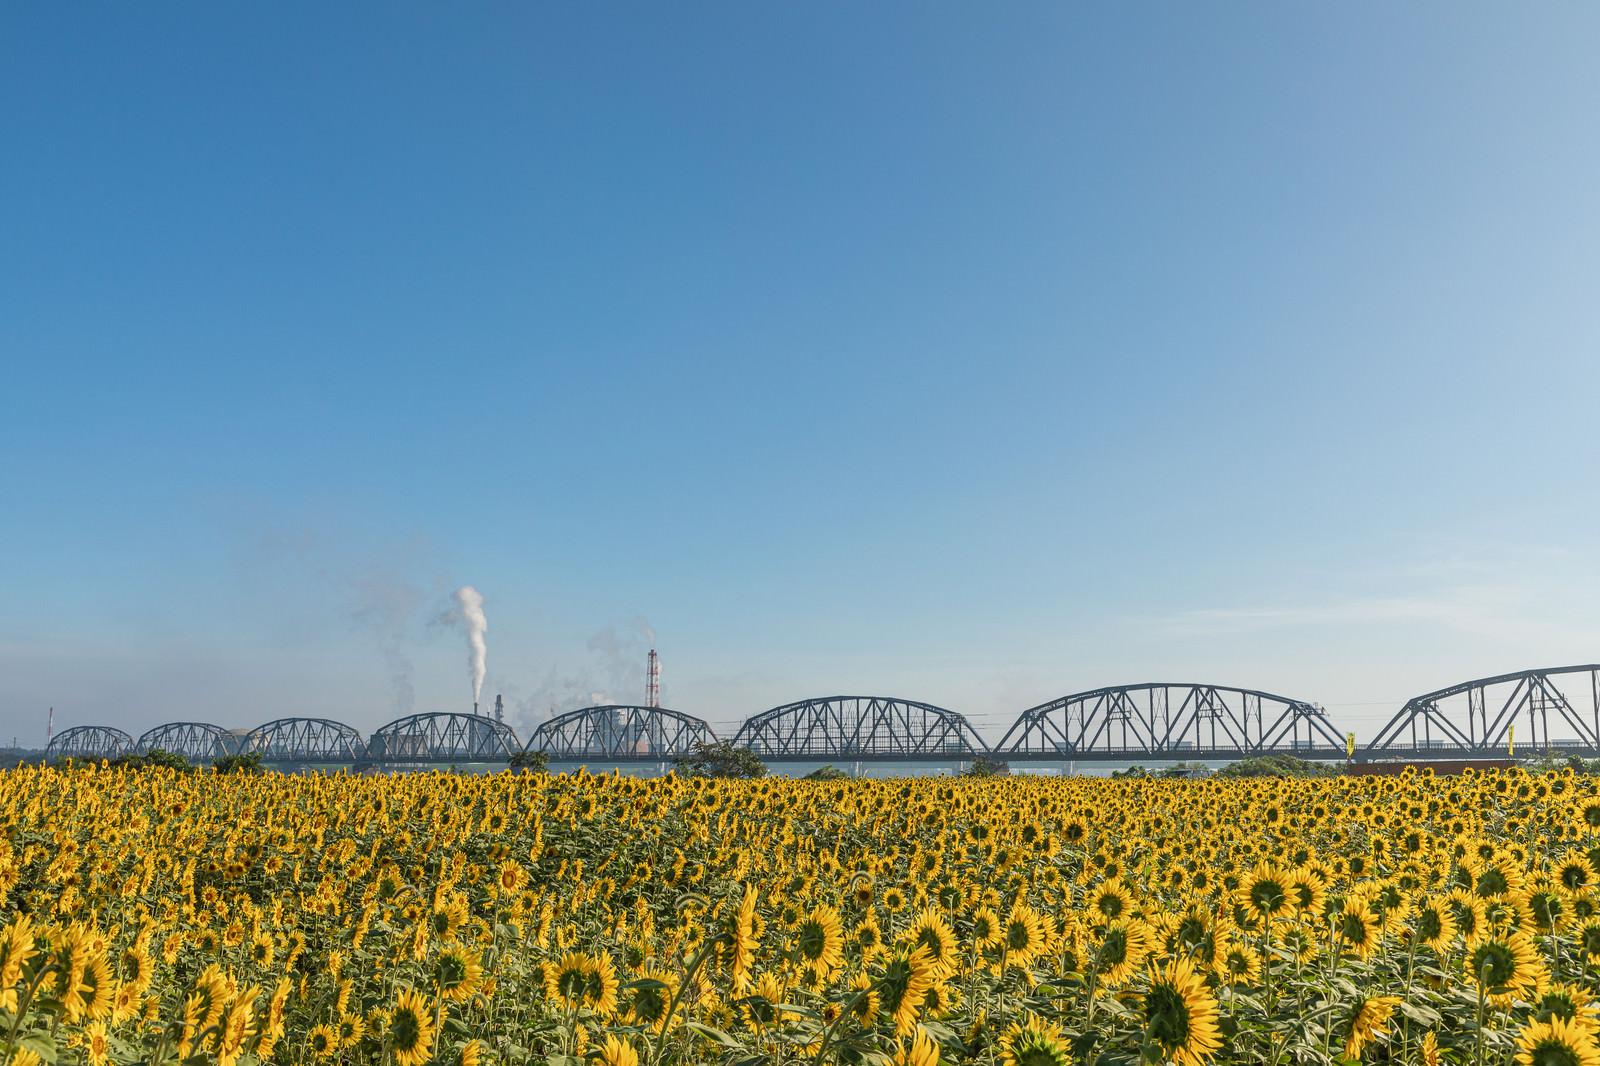 「向日葵畑から見る工場の煙」の写真